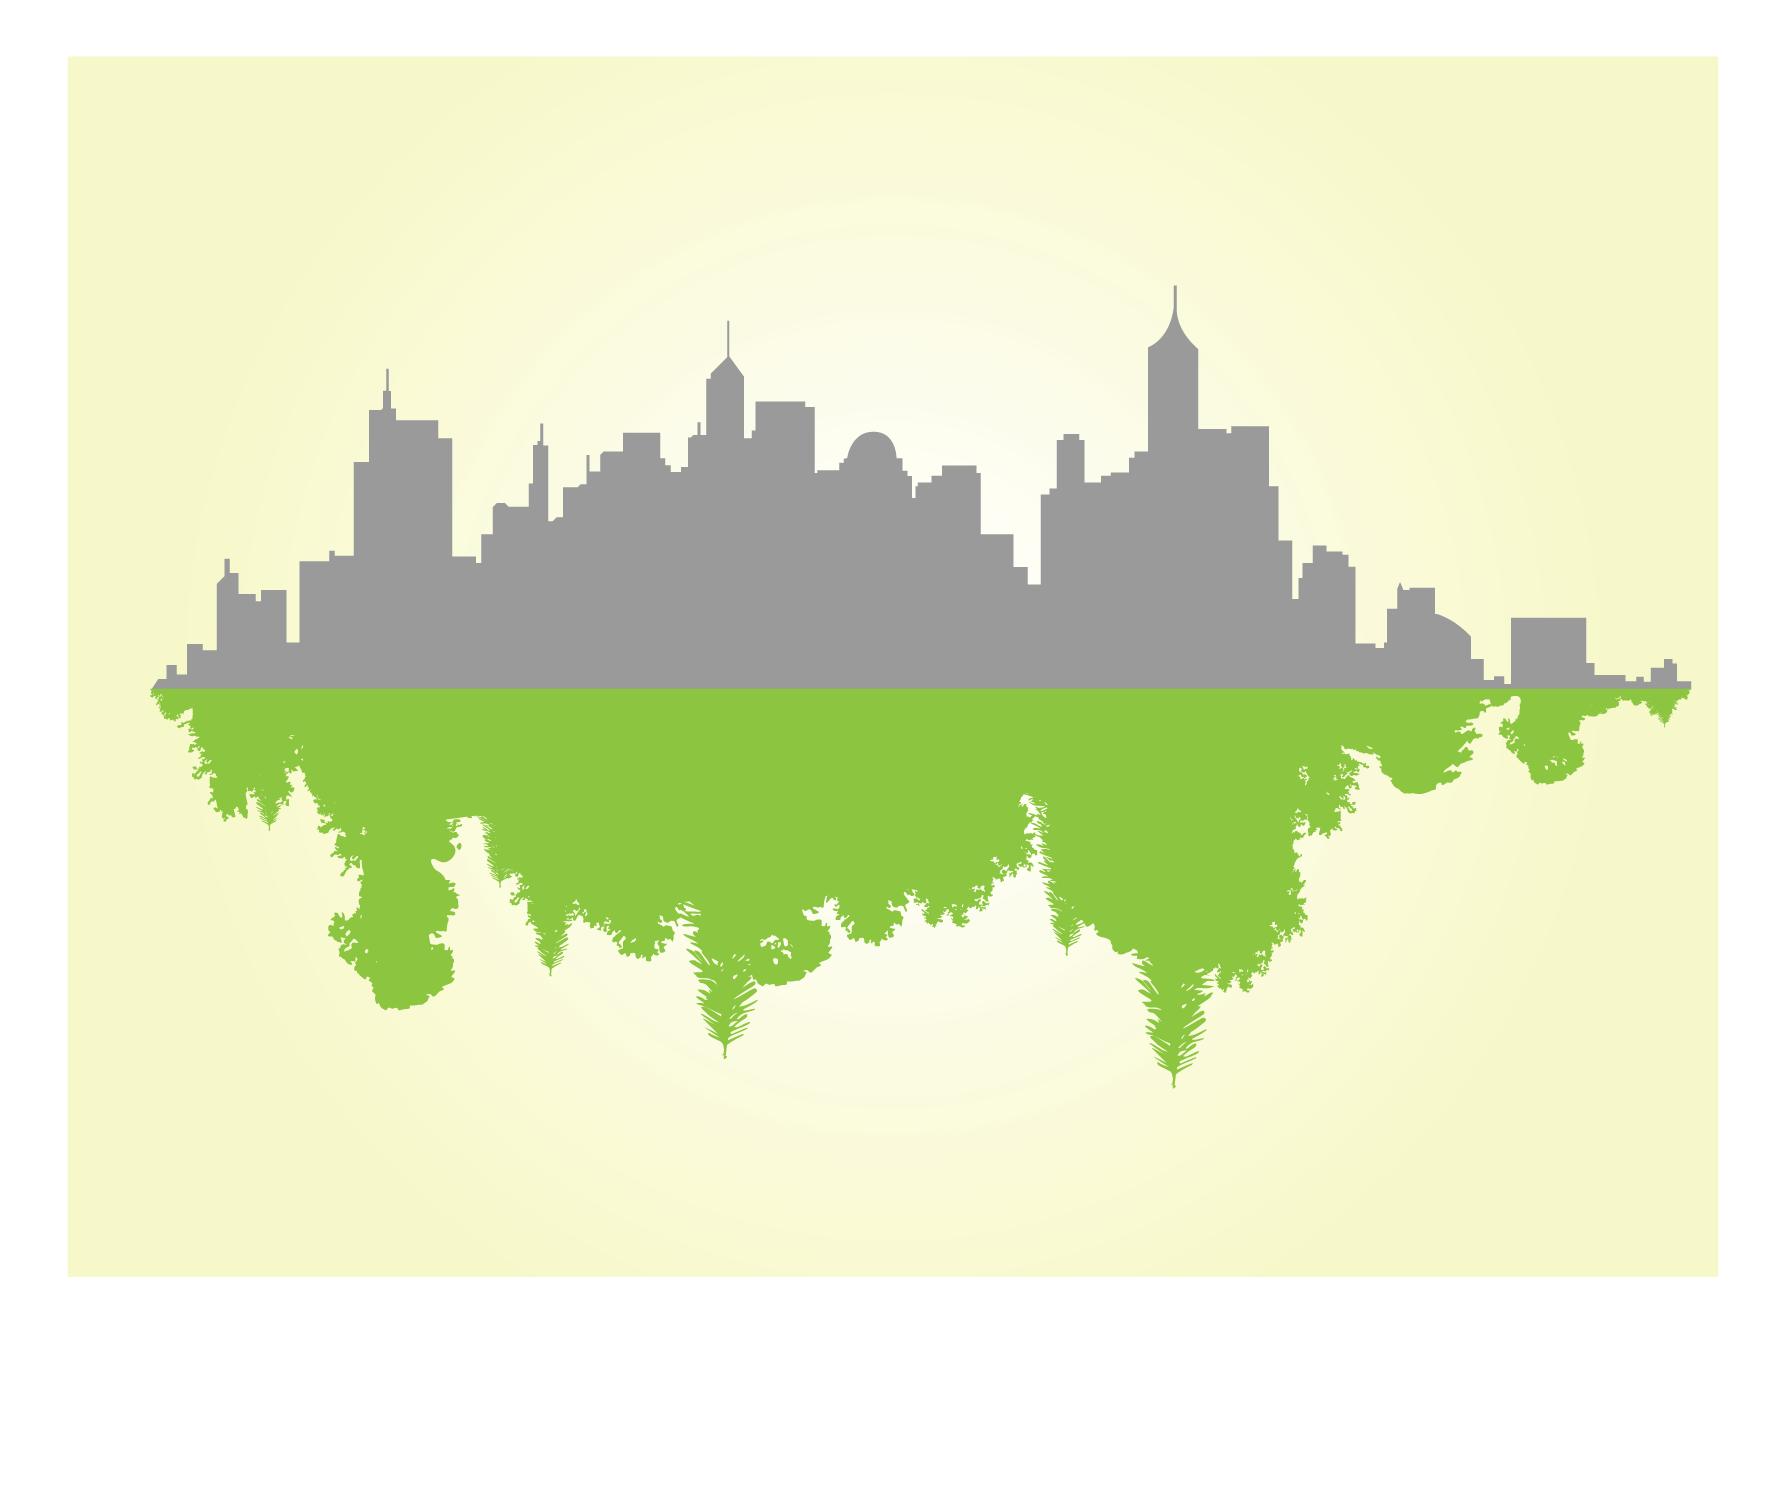 Ilustração de cidade sustentável